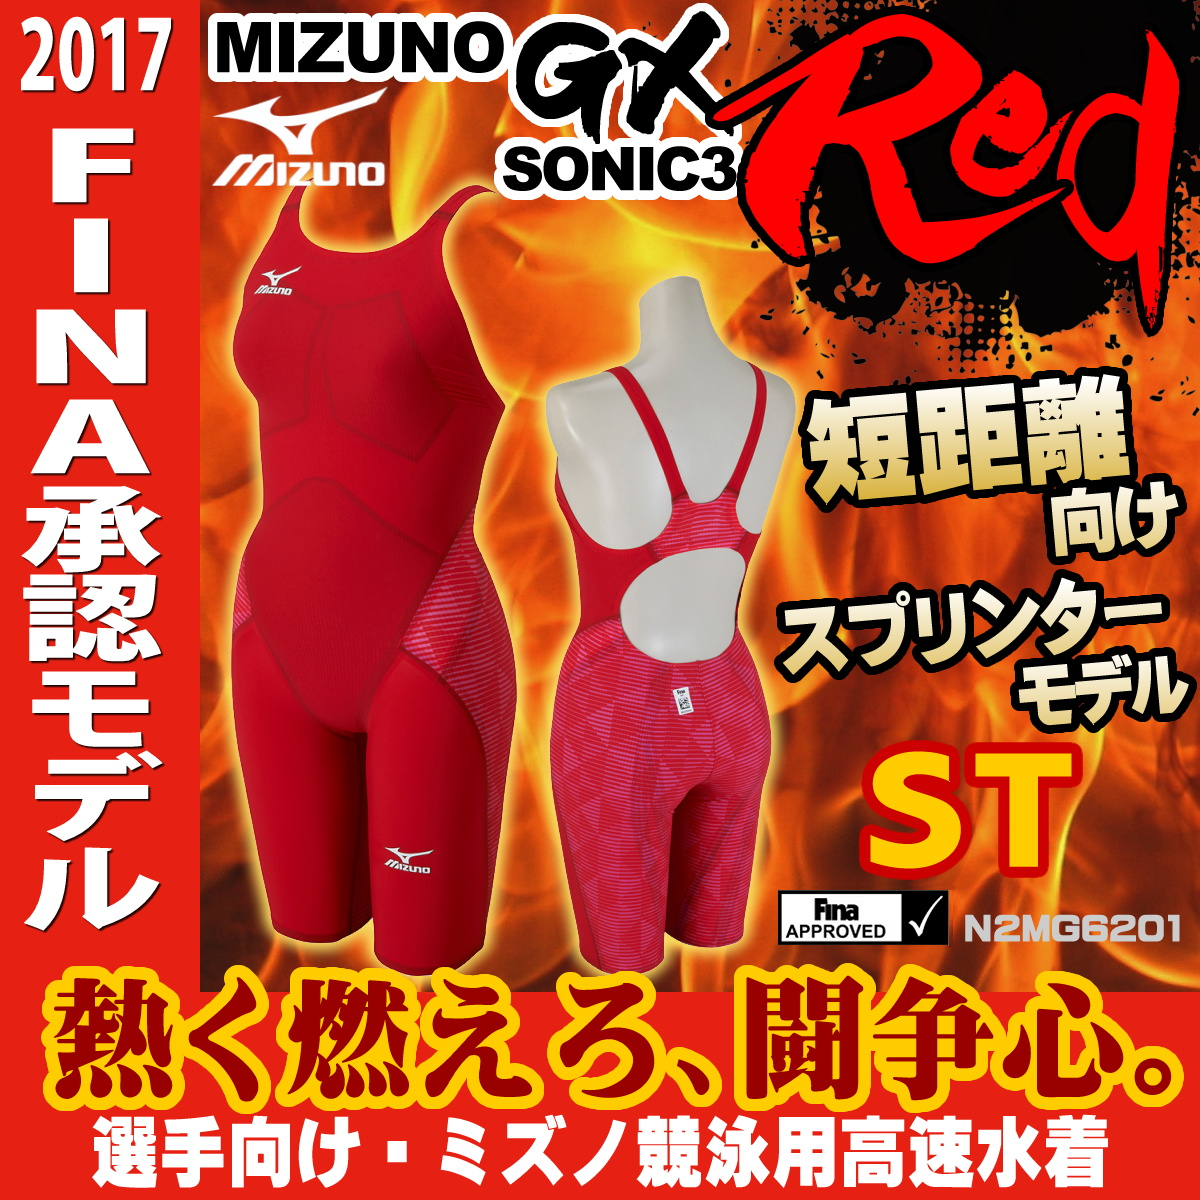 【高速割クーポン対象】ミズノ Fina承認モデル 競泳水着 レディース GX・SONIC3 ST RED ハーフスパッツ スプリンター 布帛素材 短距離 選手向き MIZUNO 高速水着 女性用 N2MG6201